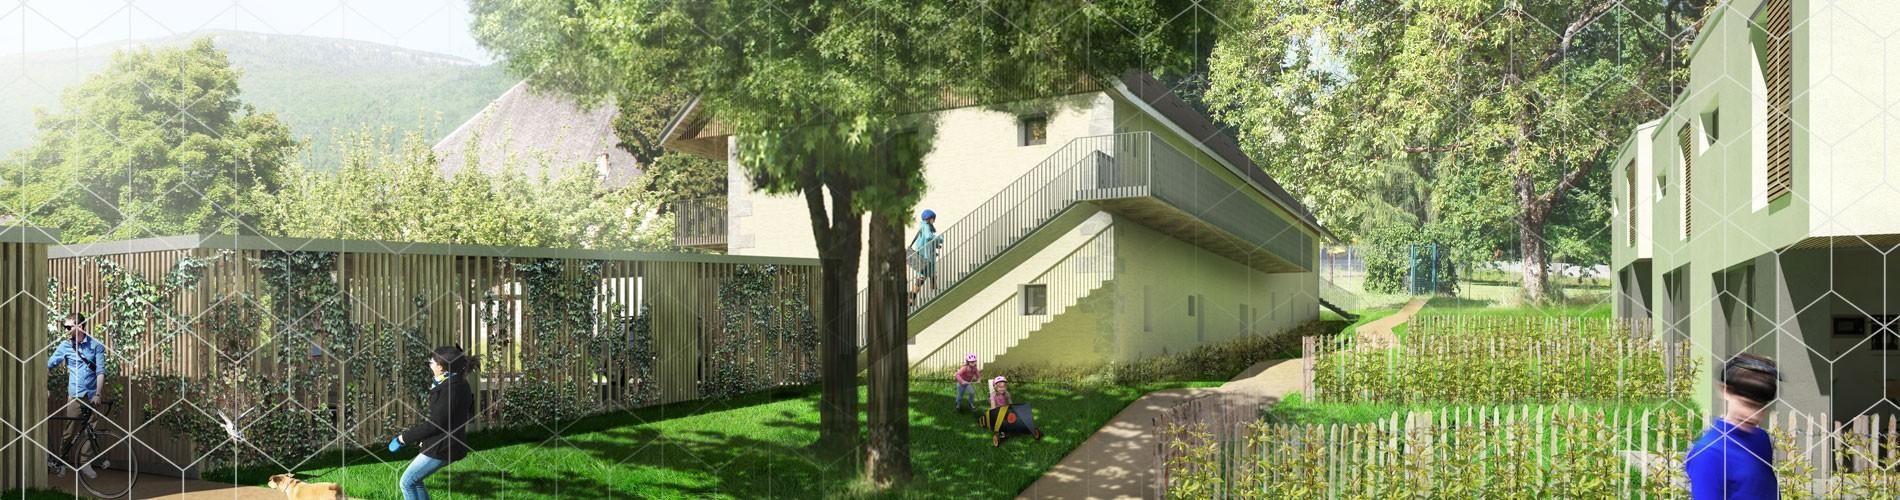 18 logements à La Motte Servolex